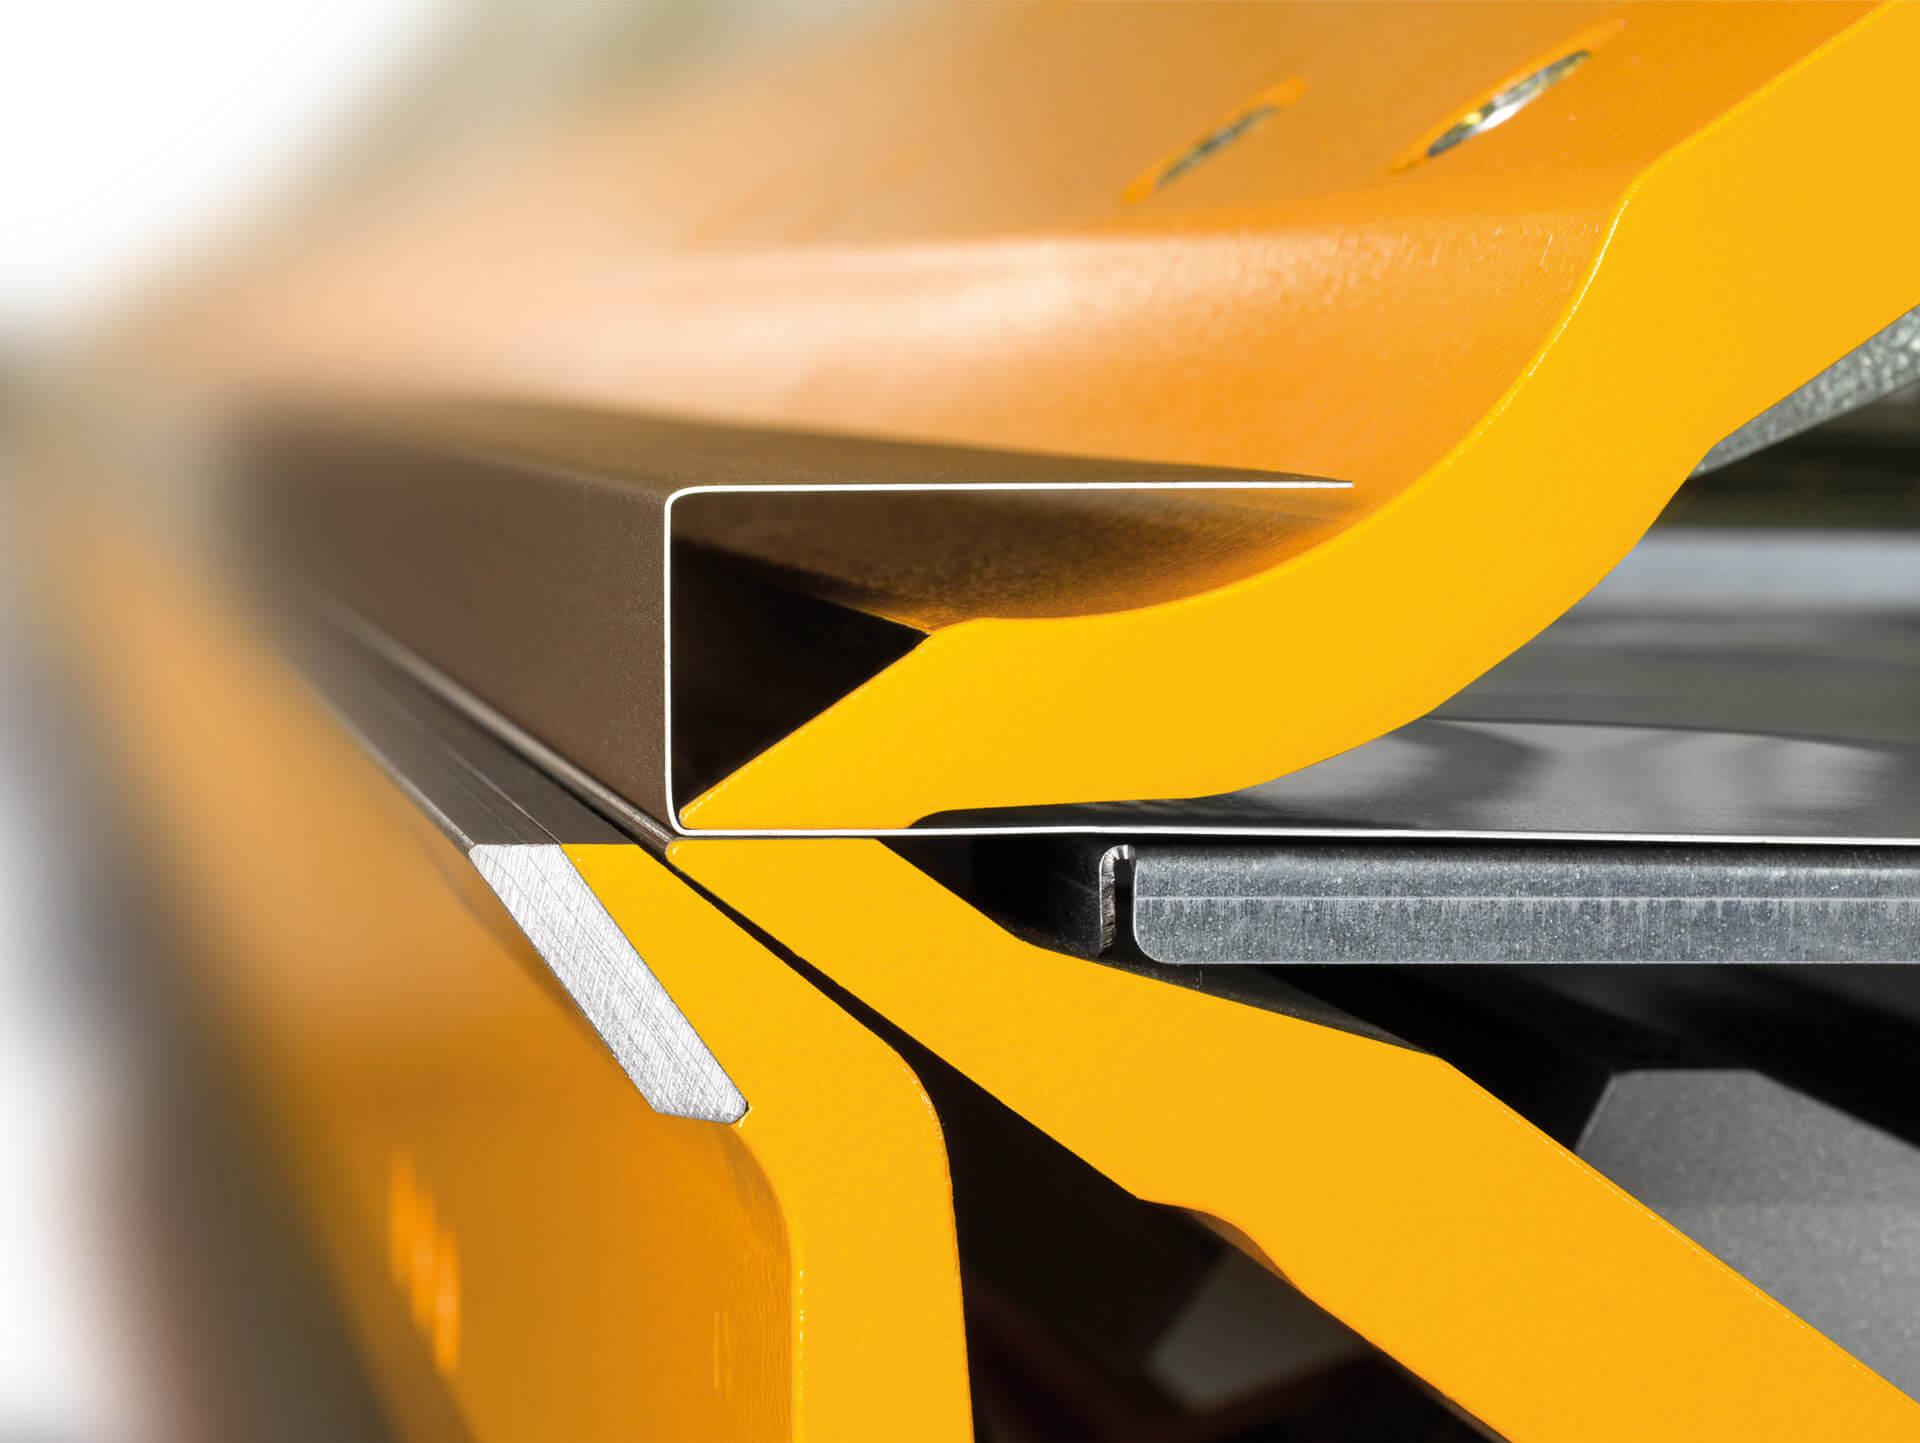 GEBOGENES OBERWANGENWERKZEUG:Optional ist auch ein gebogenes Oberwangenwerkzeug für den TZ erhältlich, dessen Form einem Geißfuß ähnelt. Profile mit einem Seitenverhältnis von 1:2 (Höhe zu Tiefe) können somit hergestellt werden – wie auf dem Bild dargestellt, z.B. 40 mm Höhe und 80 mm Tiefe.